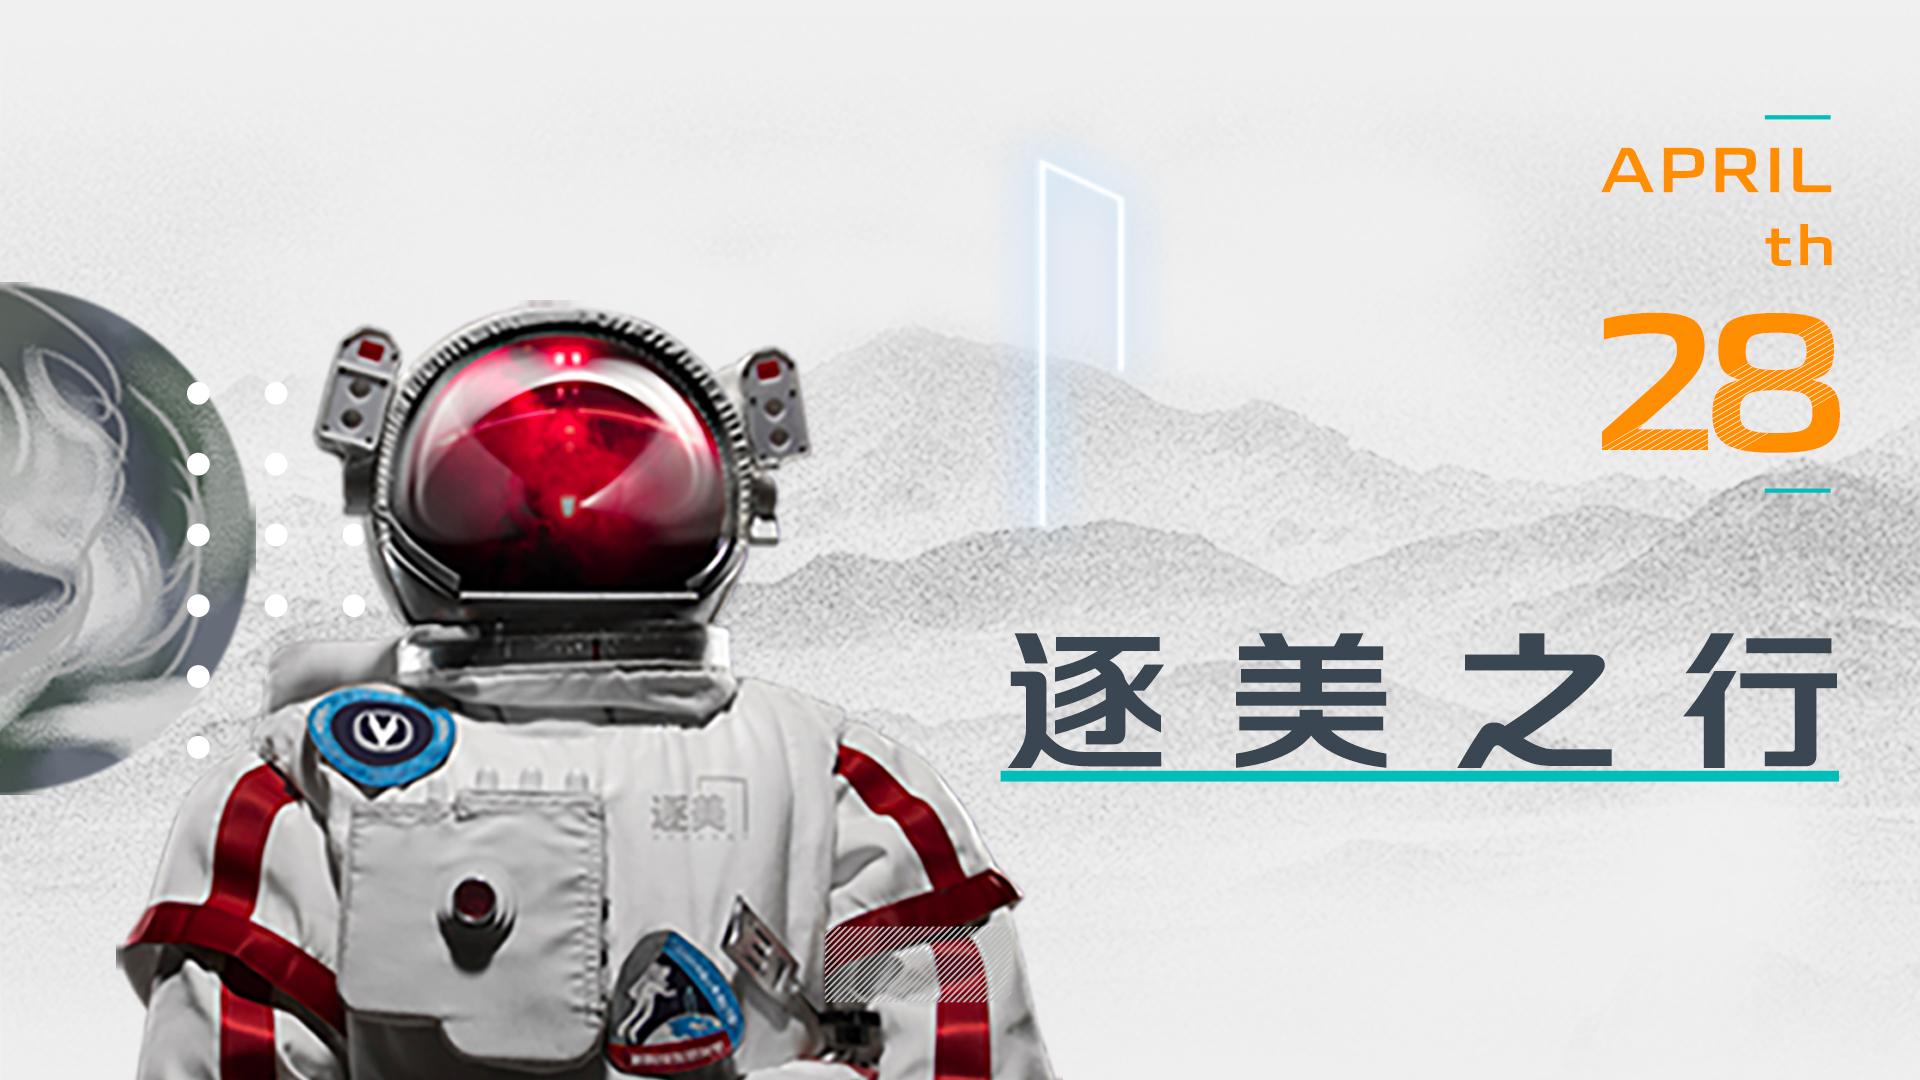 """#逐美之行·无界漫谈#解密长安汽车""""新科技智慧美学"""""""